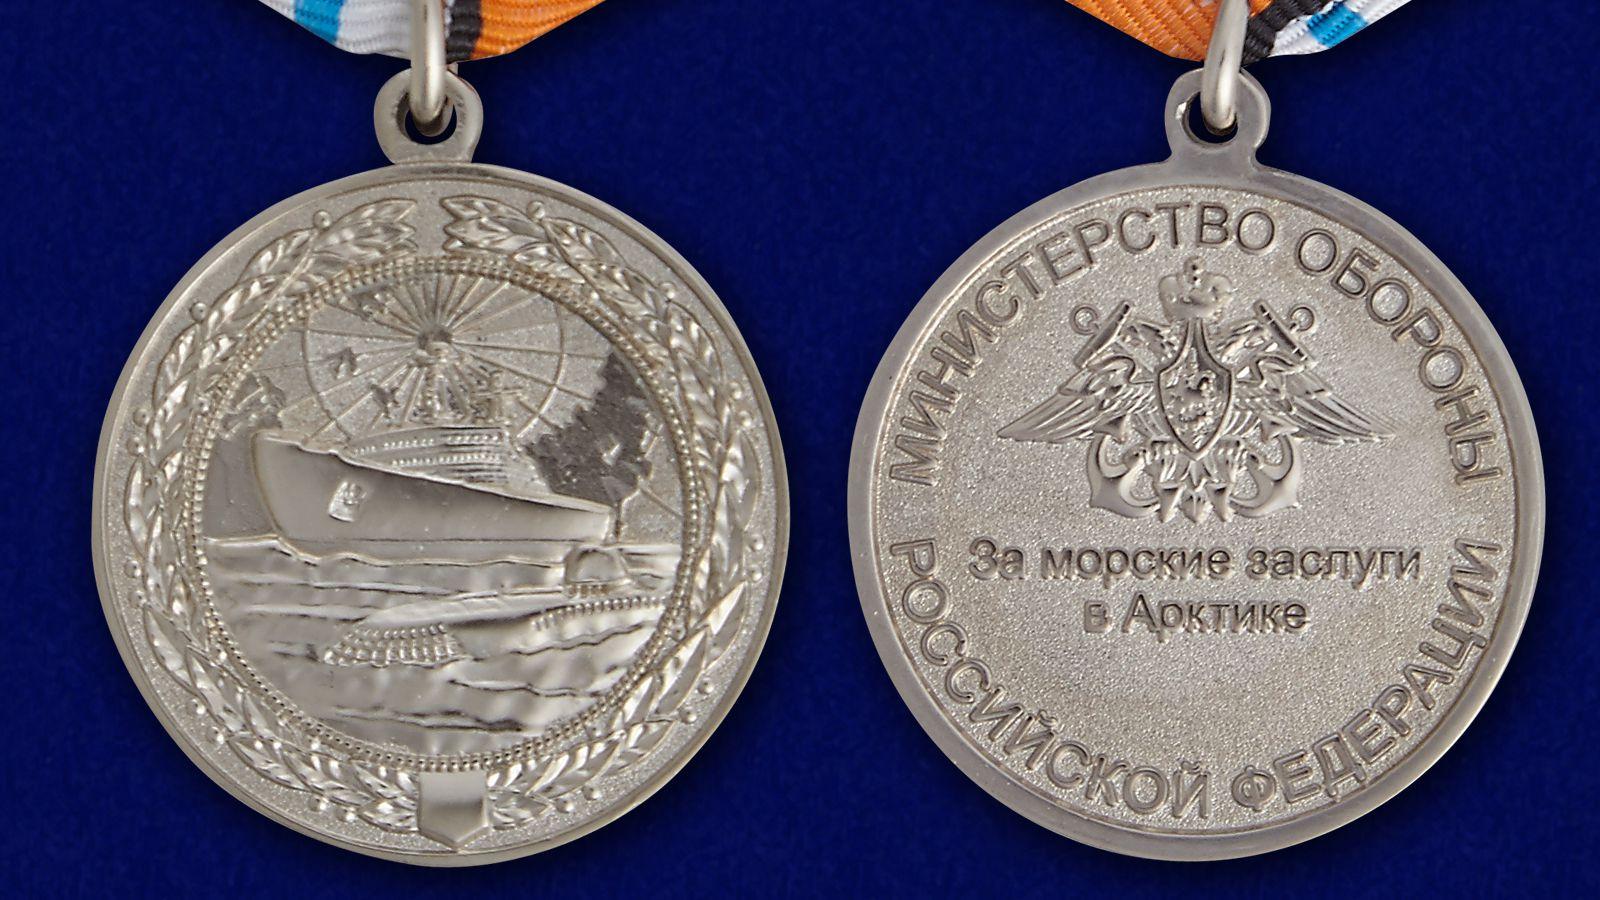 """Медаль """"За морские заслуги в Арктике"""" - аверс и реверс"""